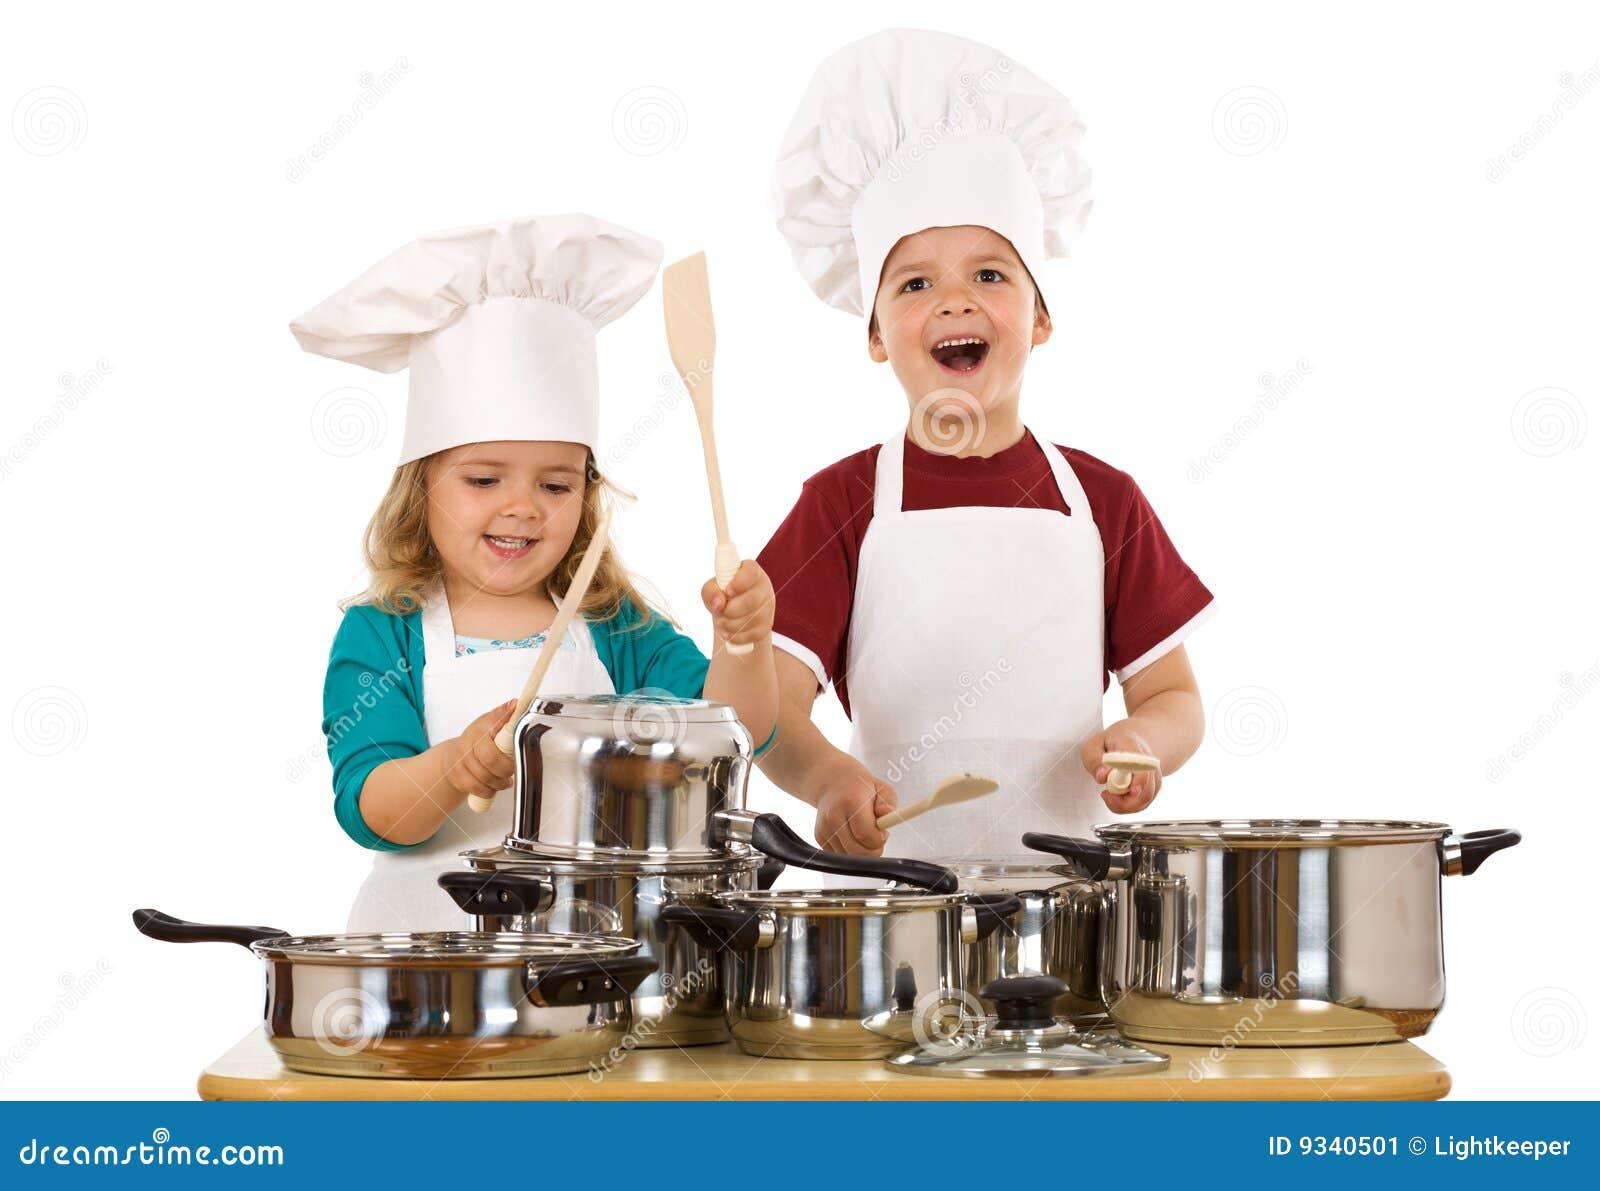 Happy kids making noise